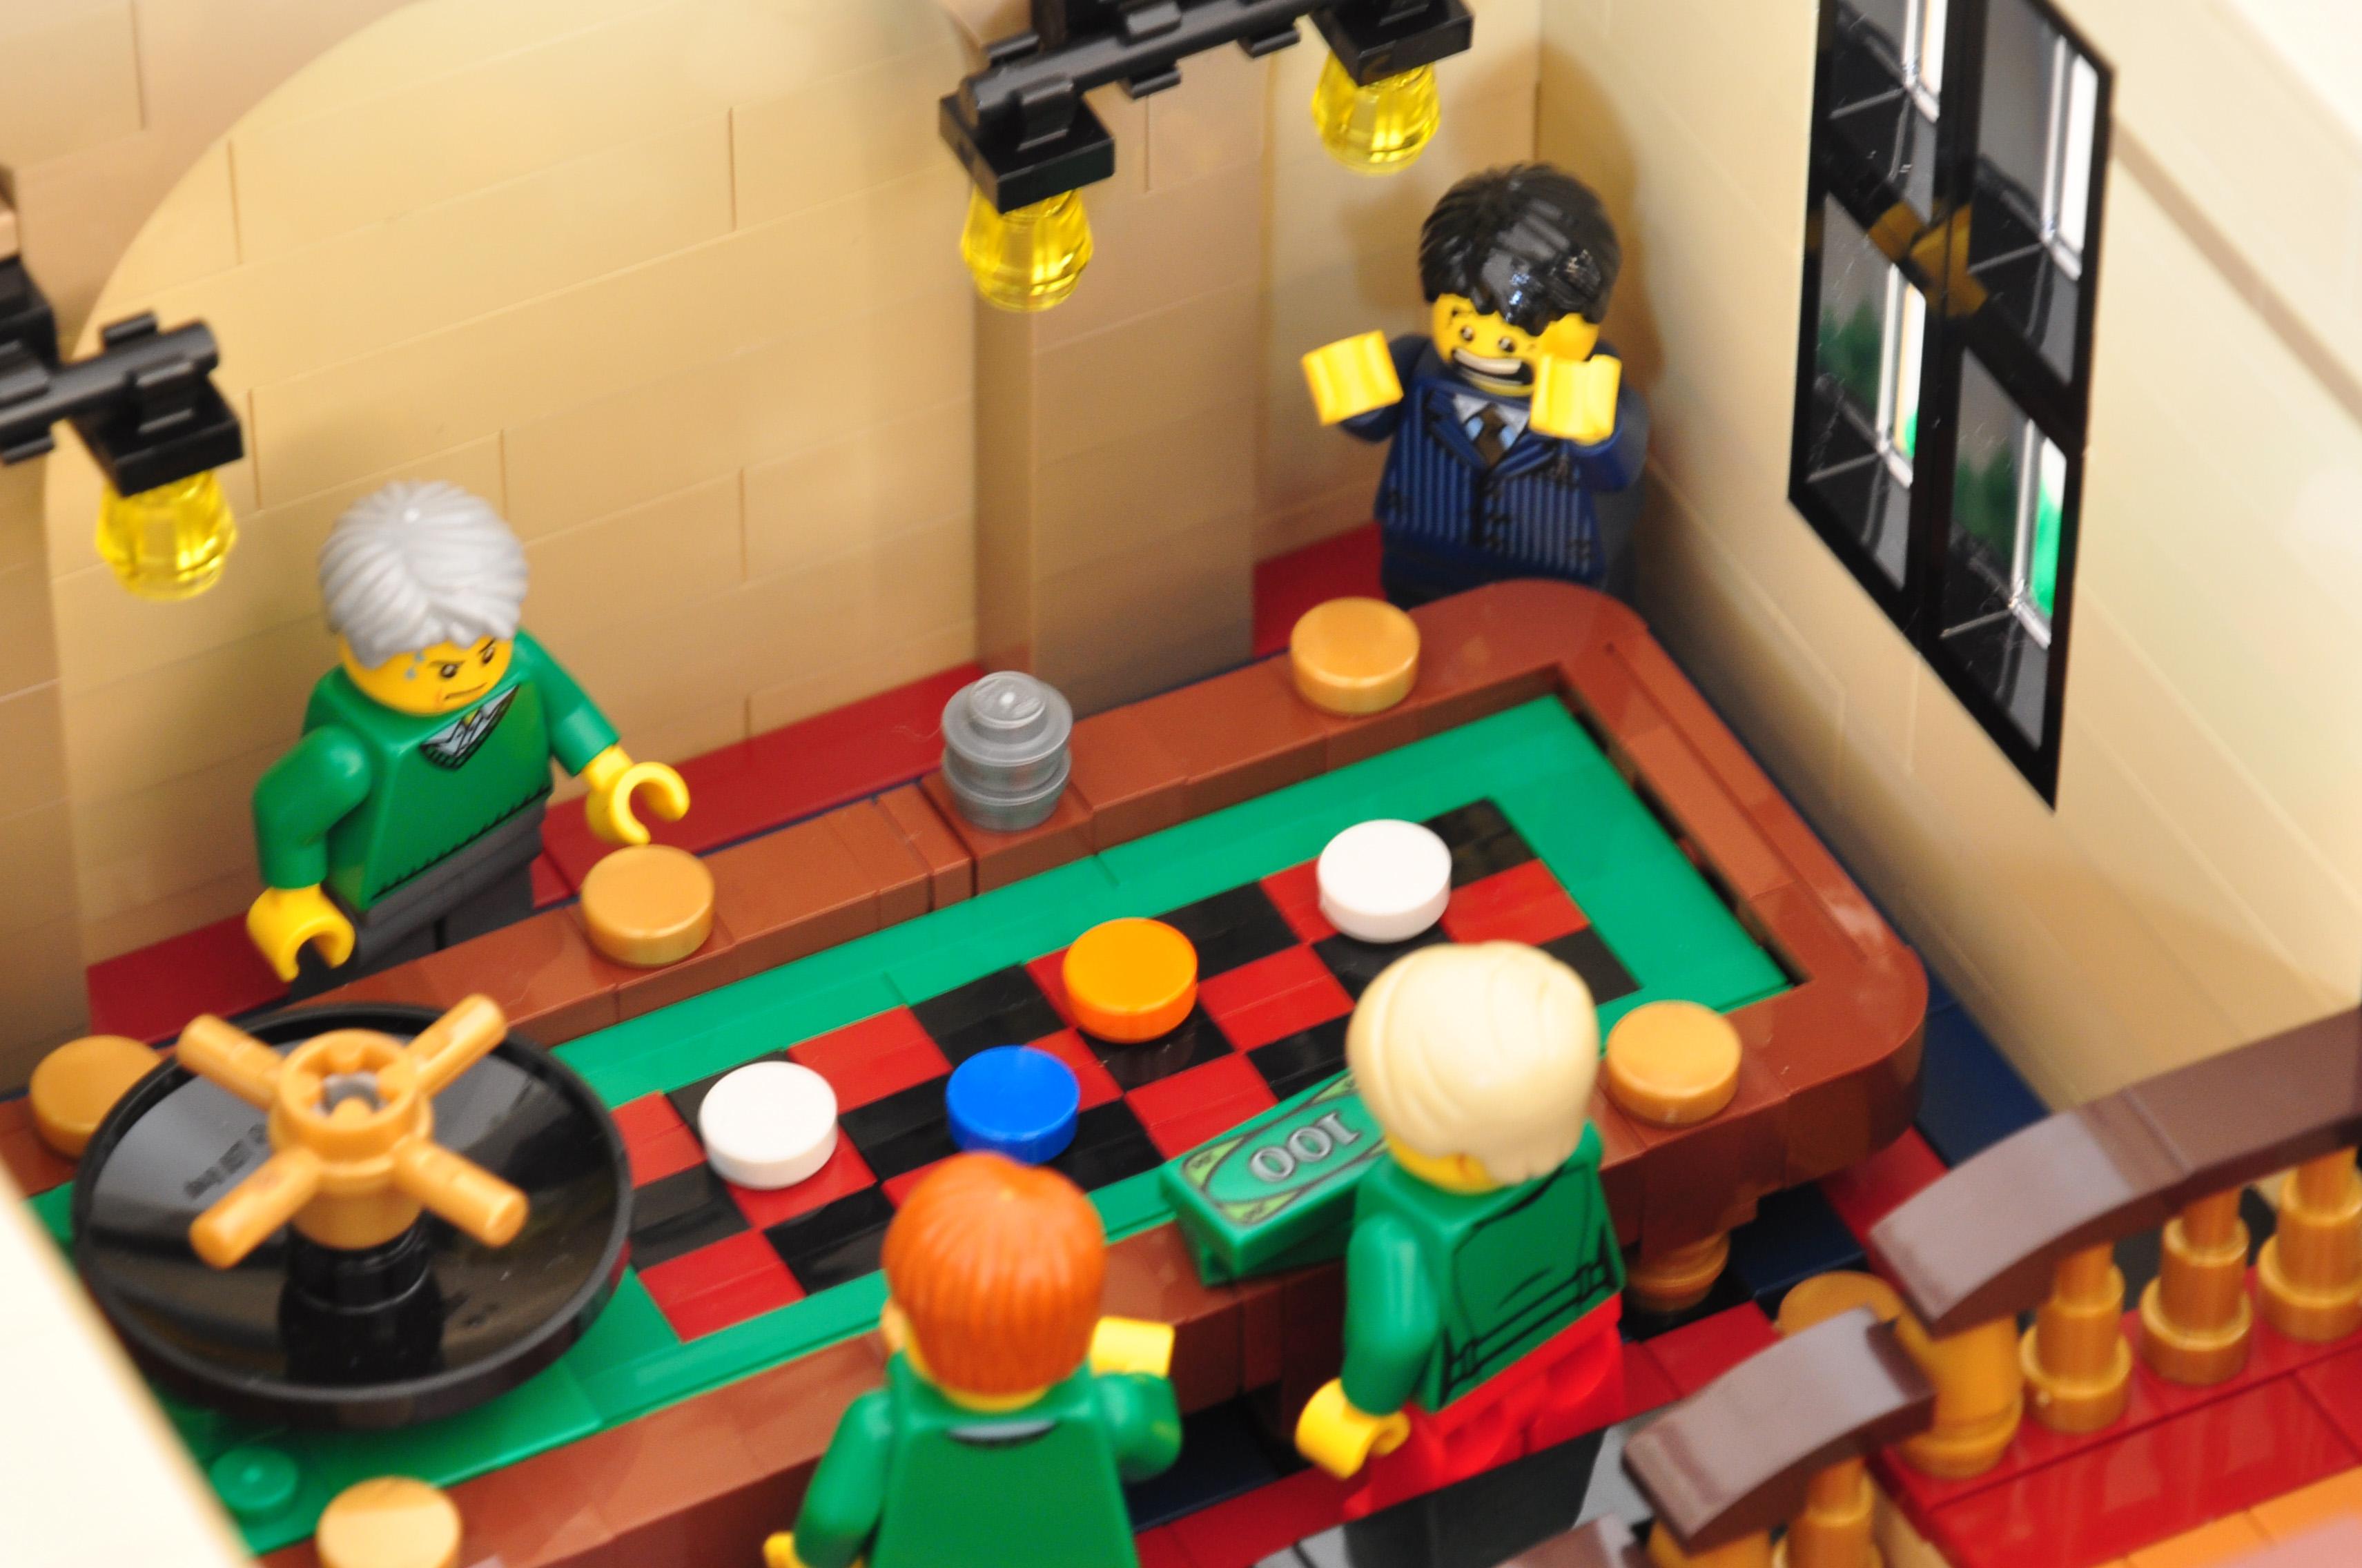 Lego 174 Moc Modular Casino